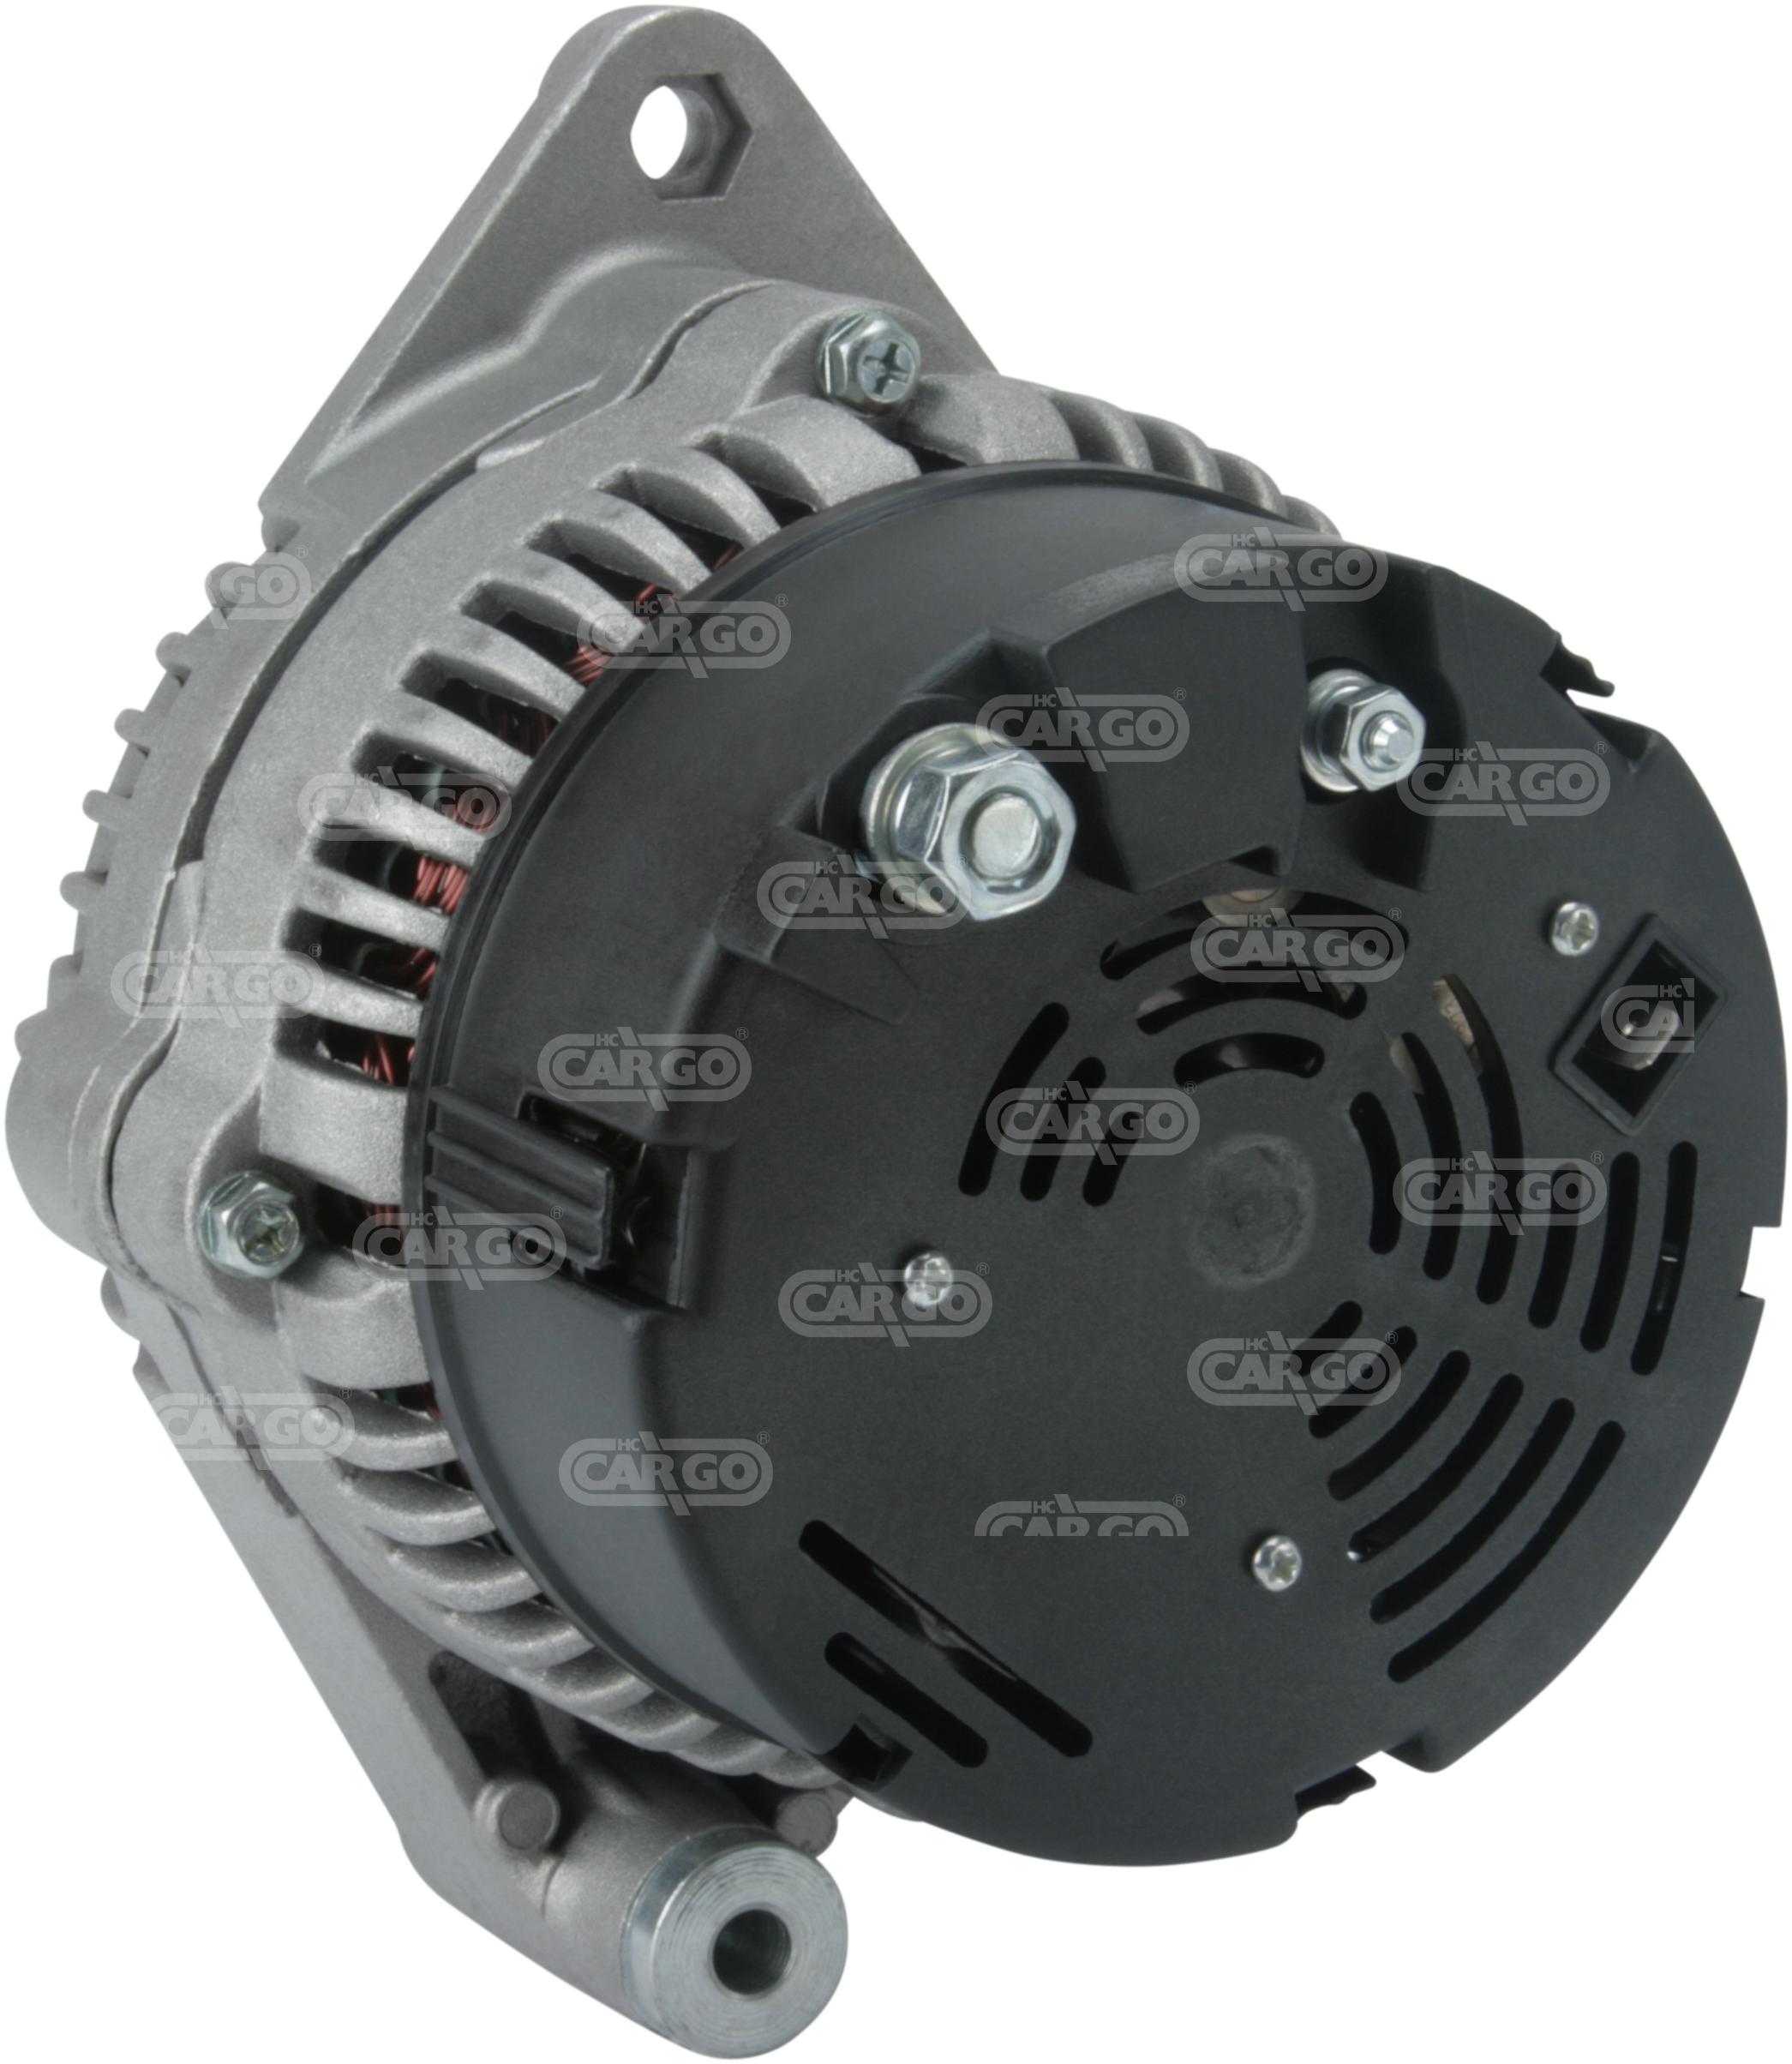 Alternateur 000 Voltage14 Amp120 BorneW